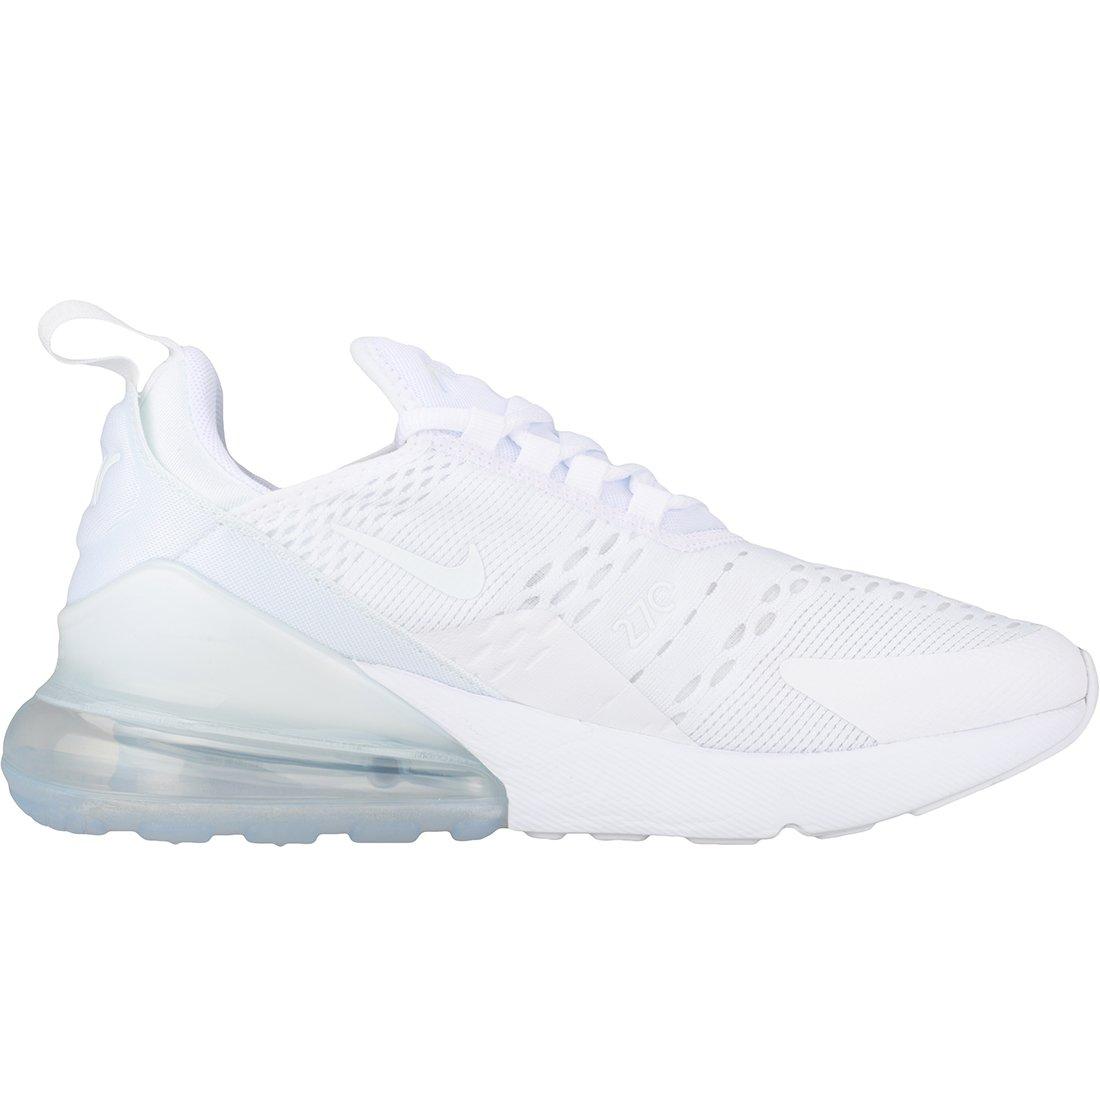 Nike Wmns Air Max 270 Flyknit AH6803002 Farbe: Weiß Grau